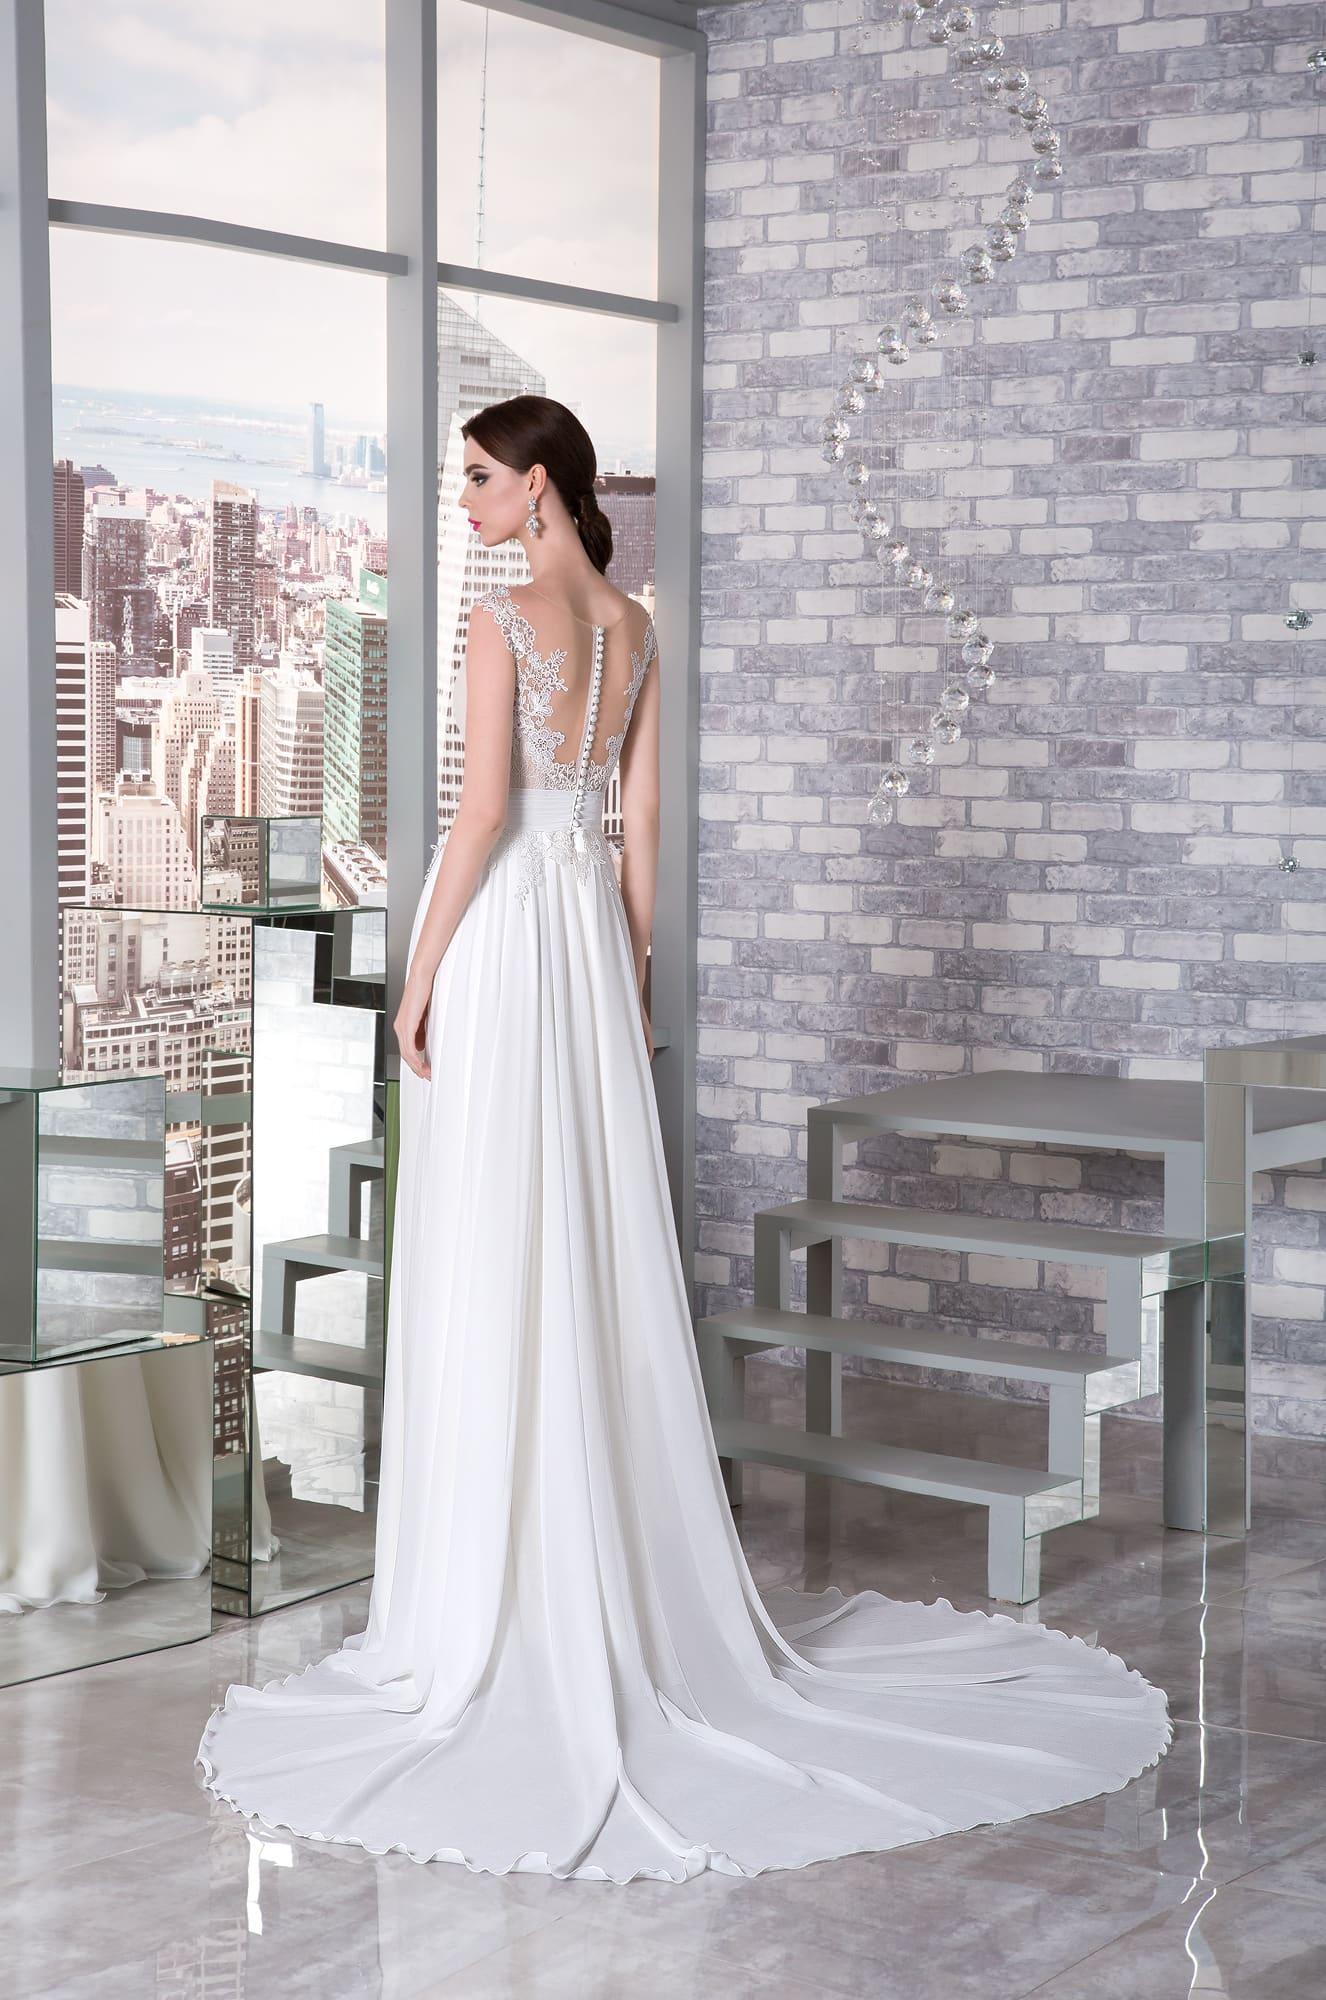 4362ac4bd787be3 Прямое свадебное платье с корсетом пудрового цвета и белоснежной юбкой со  шлейфом.